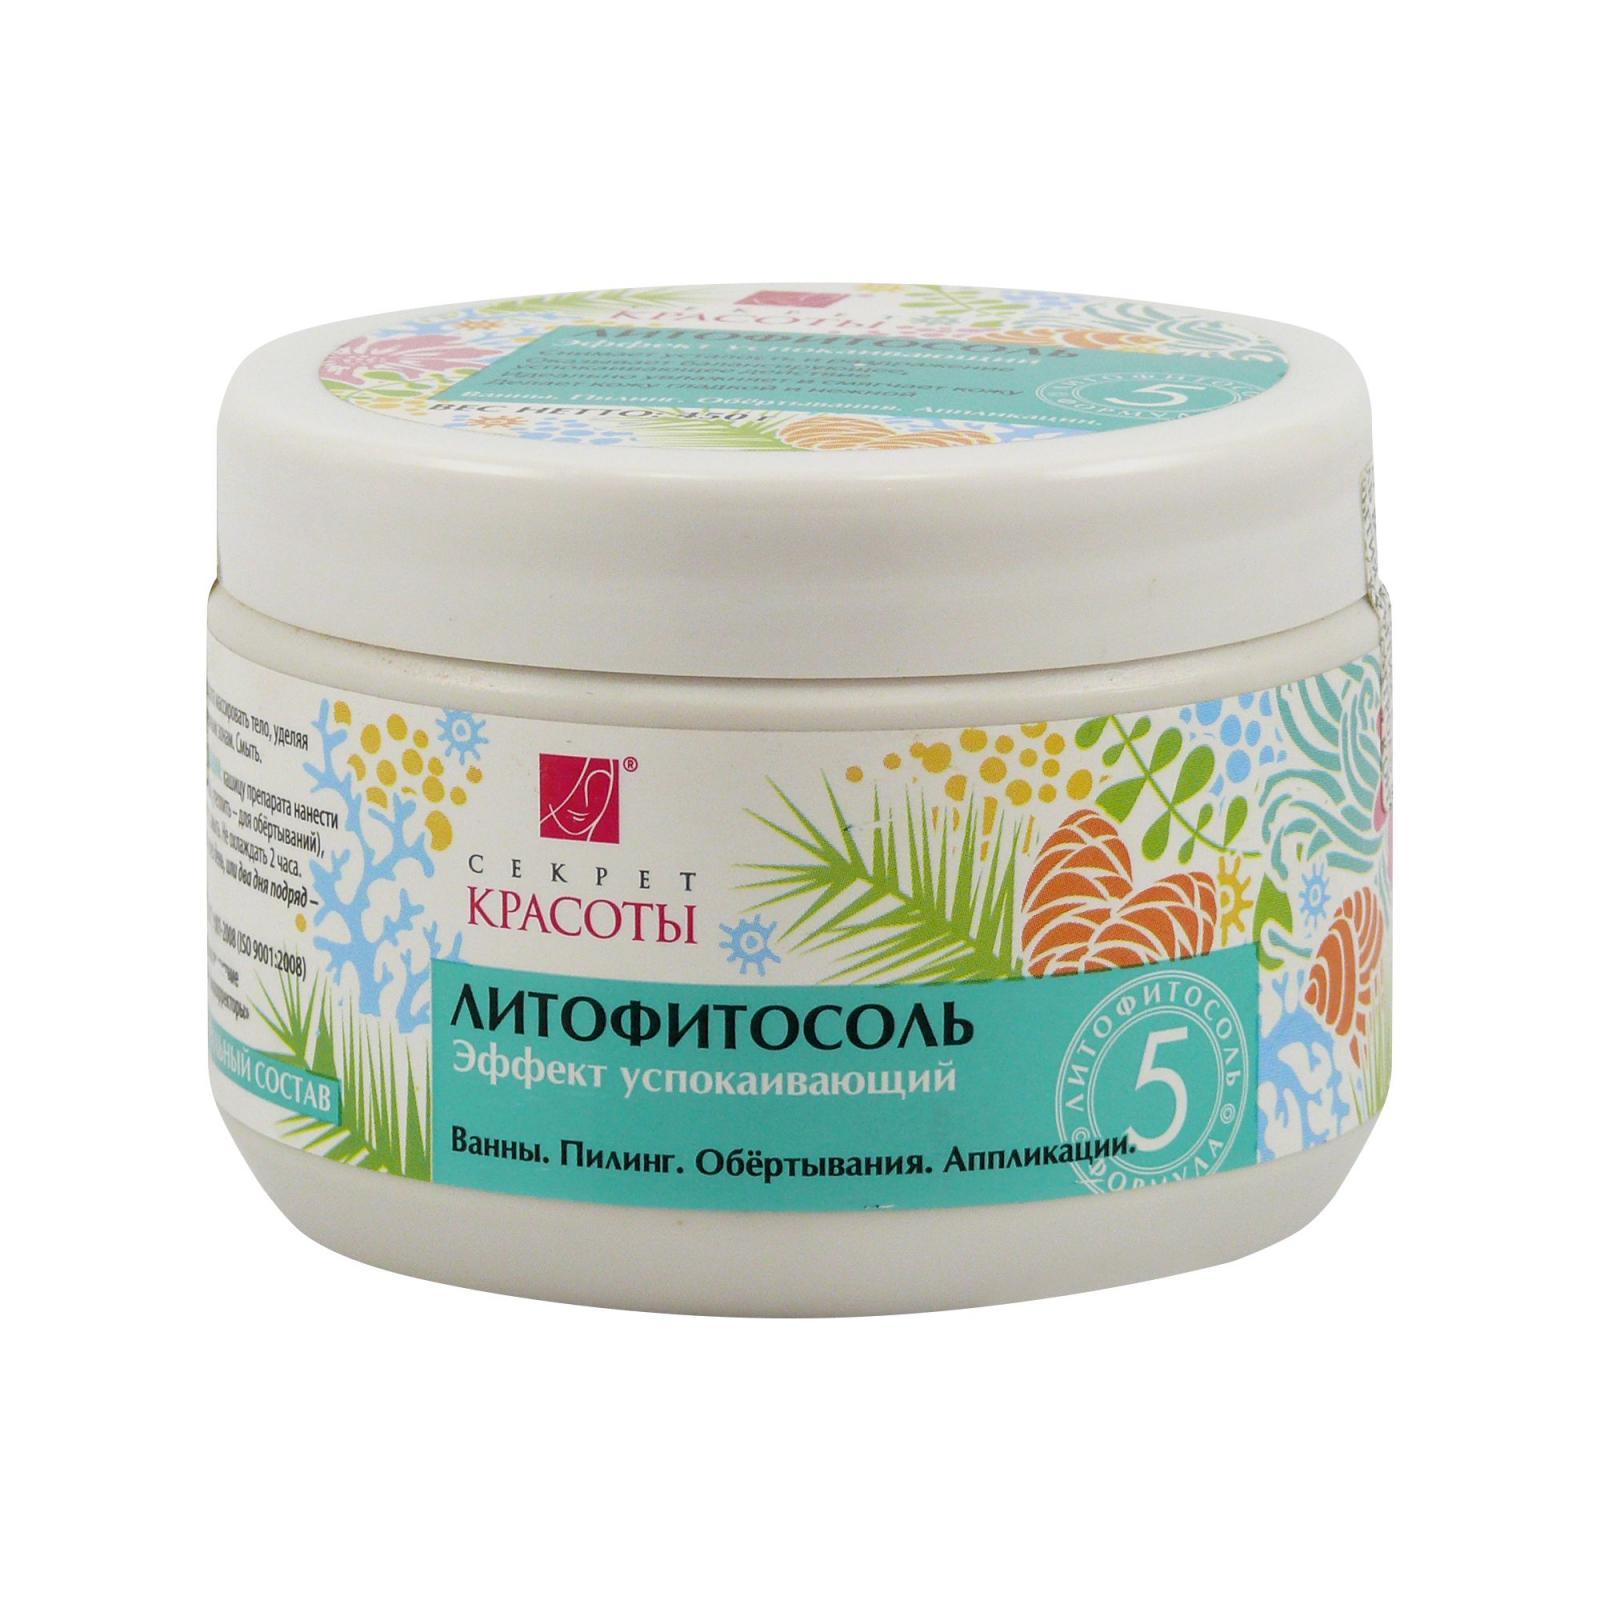 Hloubková hygiena kůže Litofyto-sůl formule 5, zklidňující relaxační 450 g